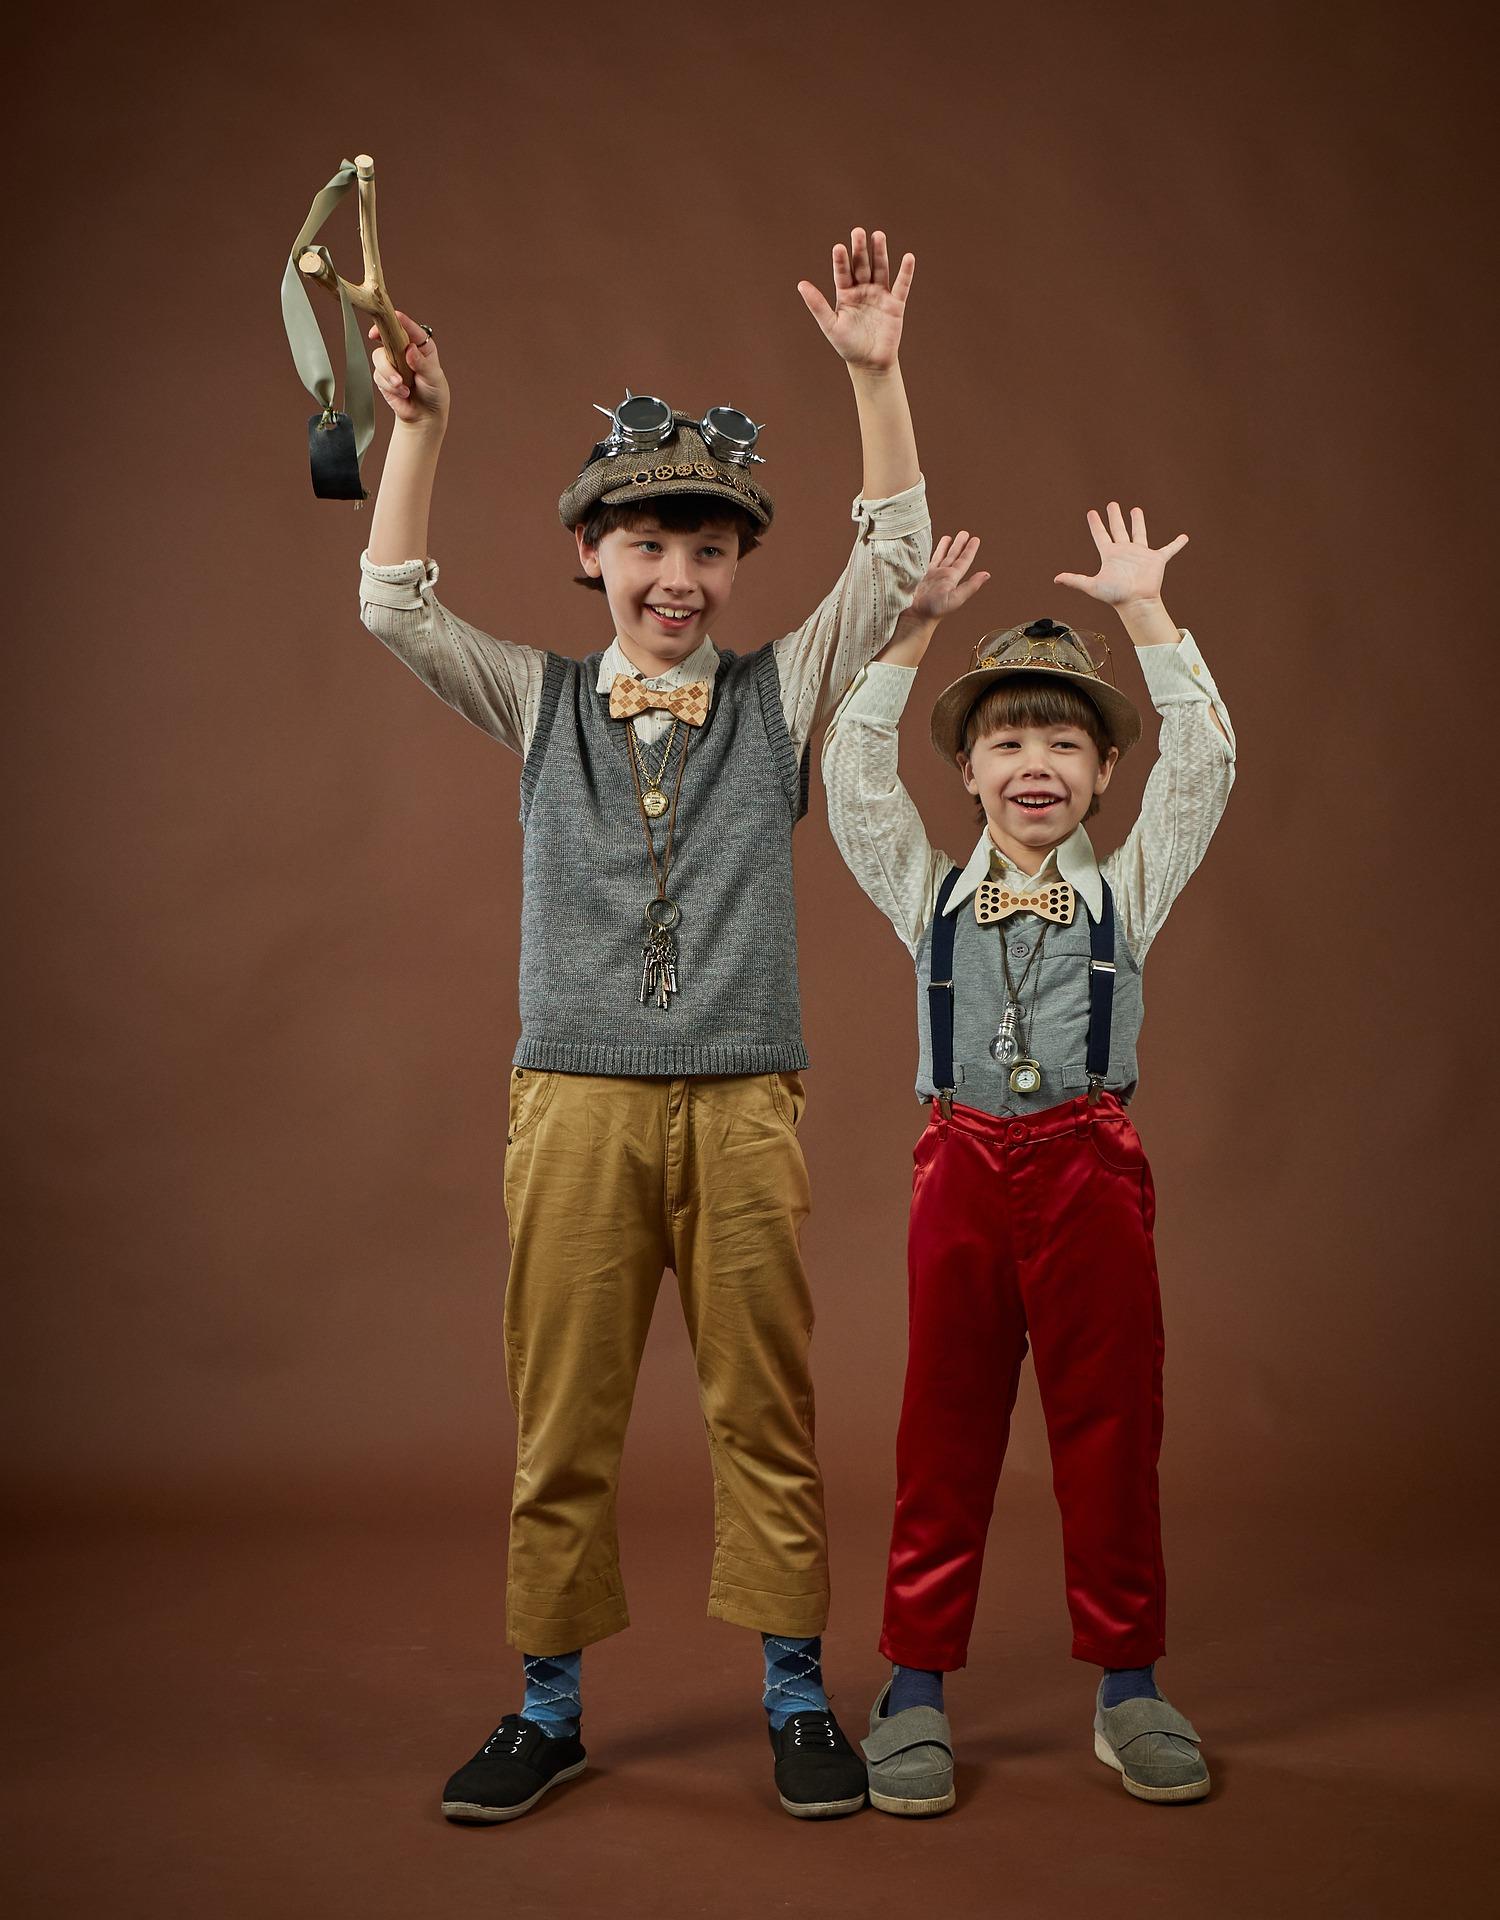 kids-4692293_1920